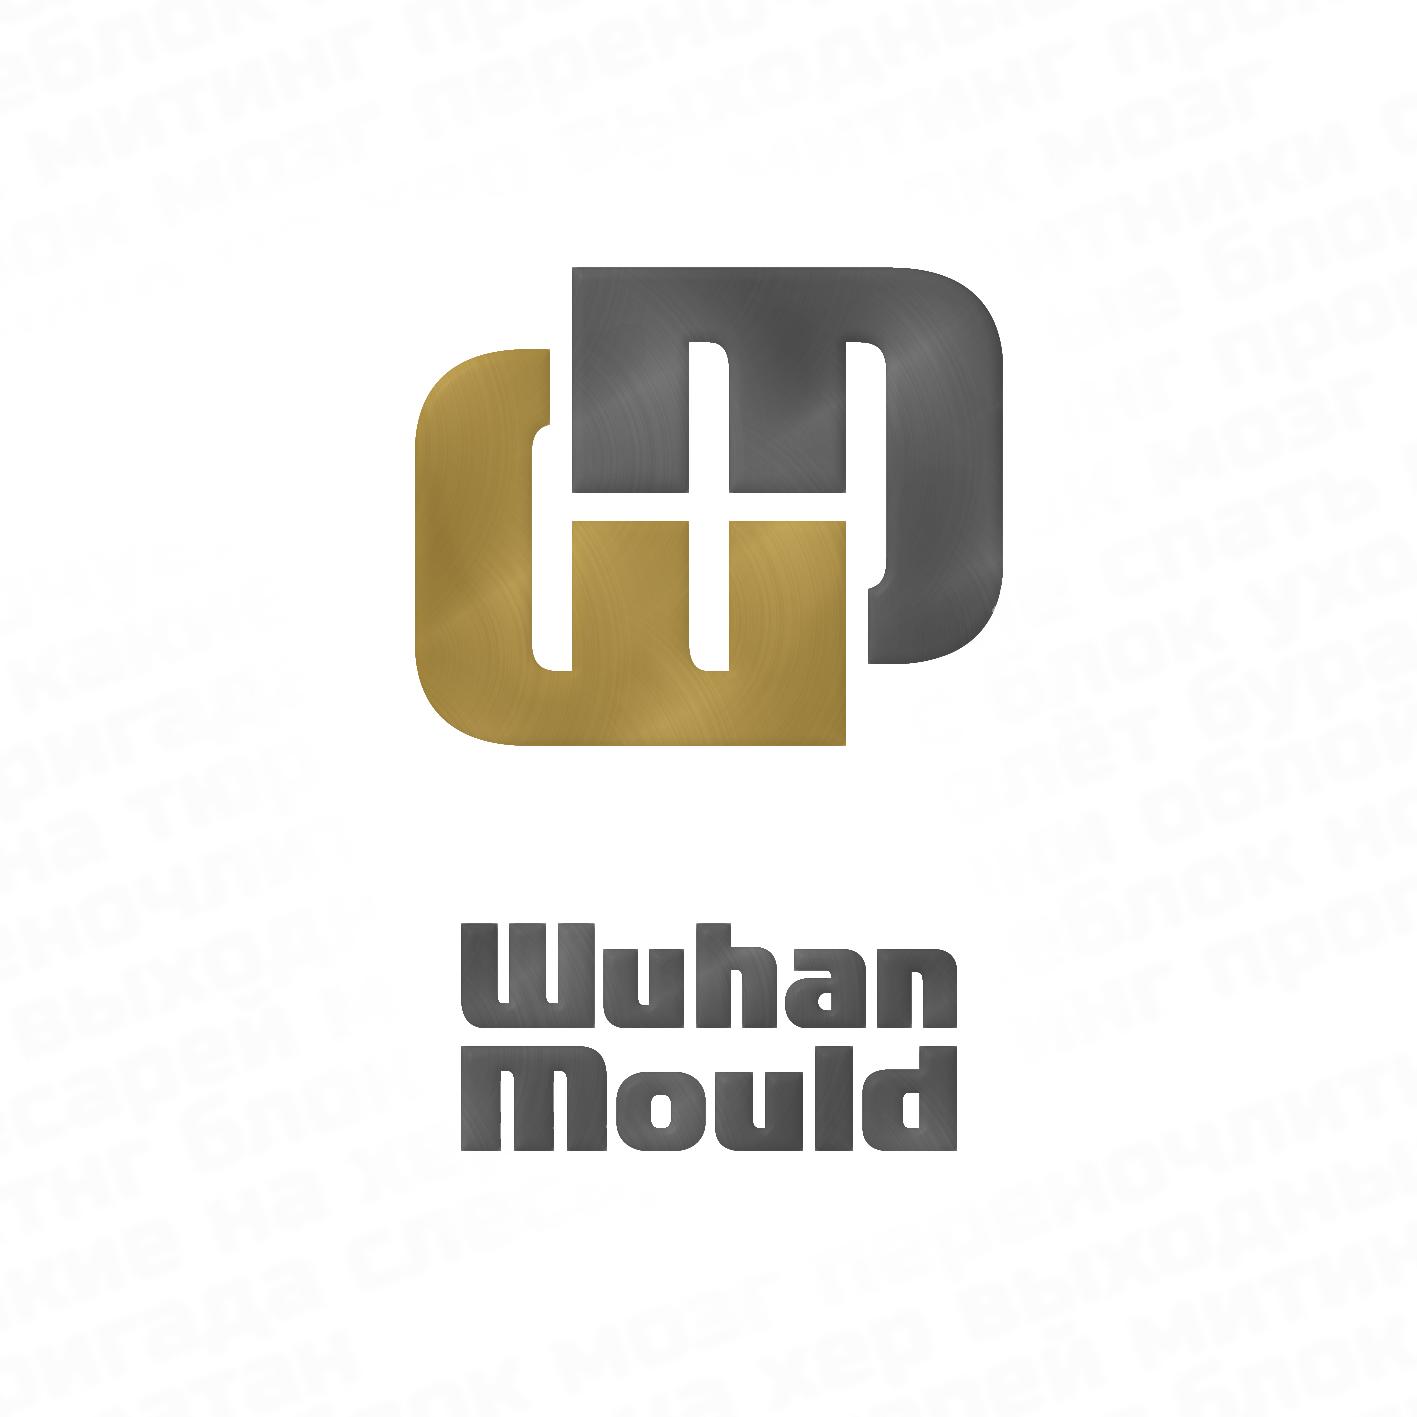 Создать логотип для фабрики пресс-форм фото f_303599a2f394bb6a.png